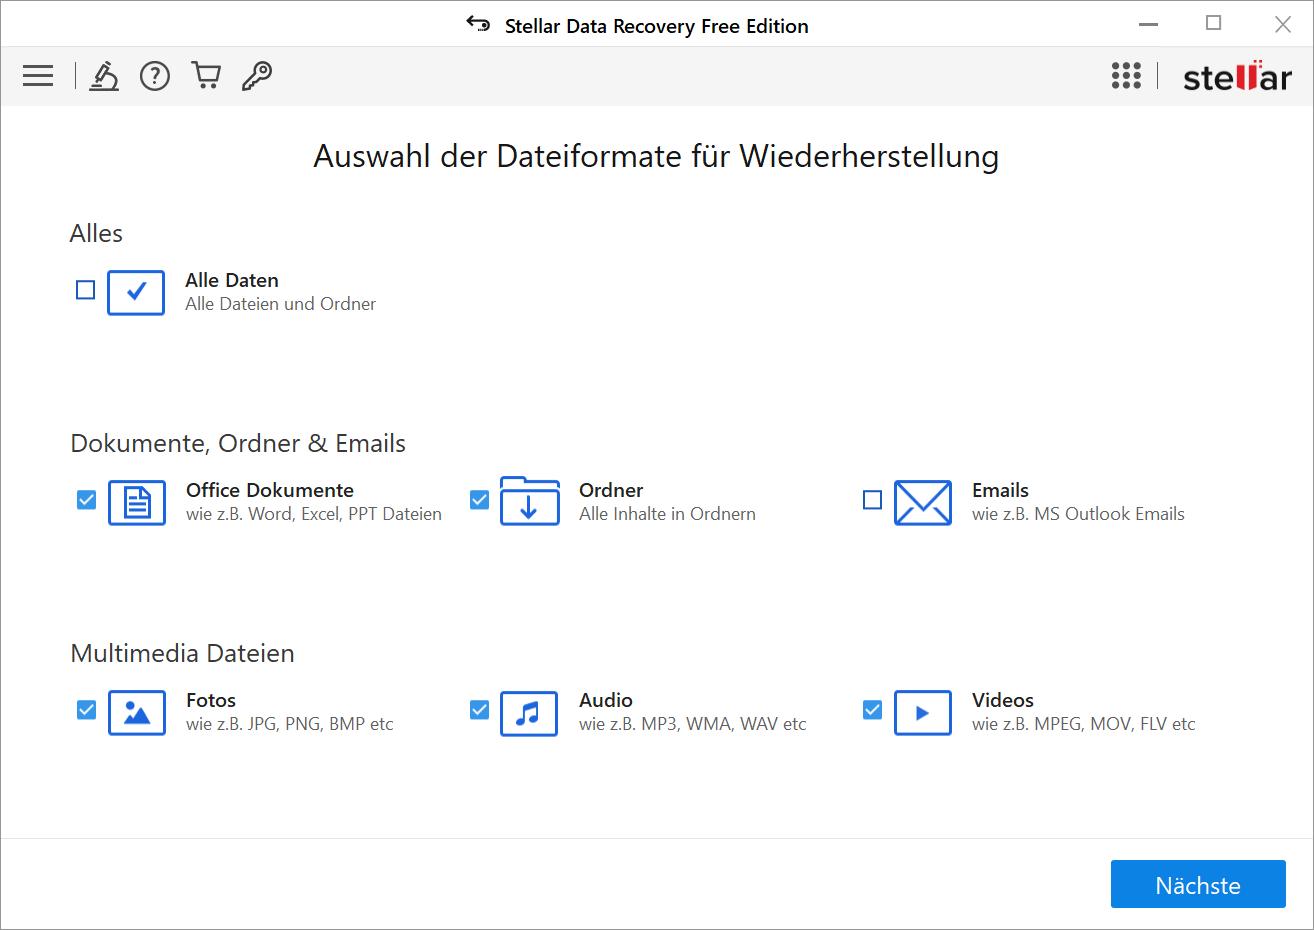 Dateiarten auswählen